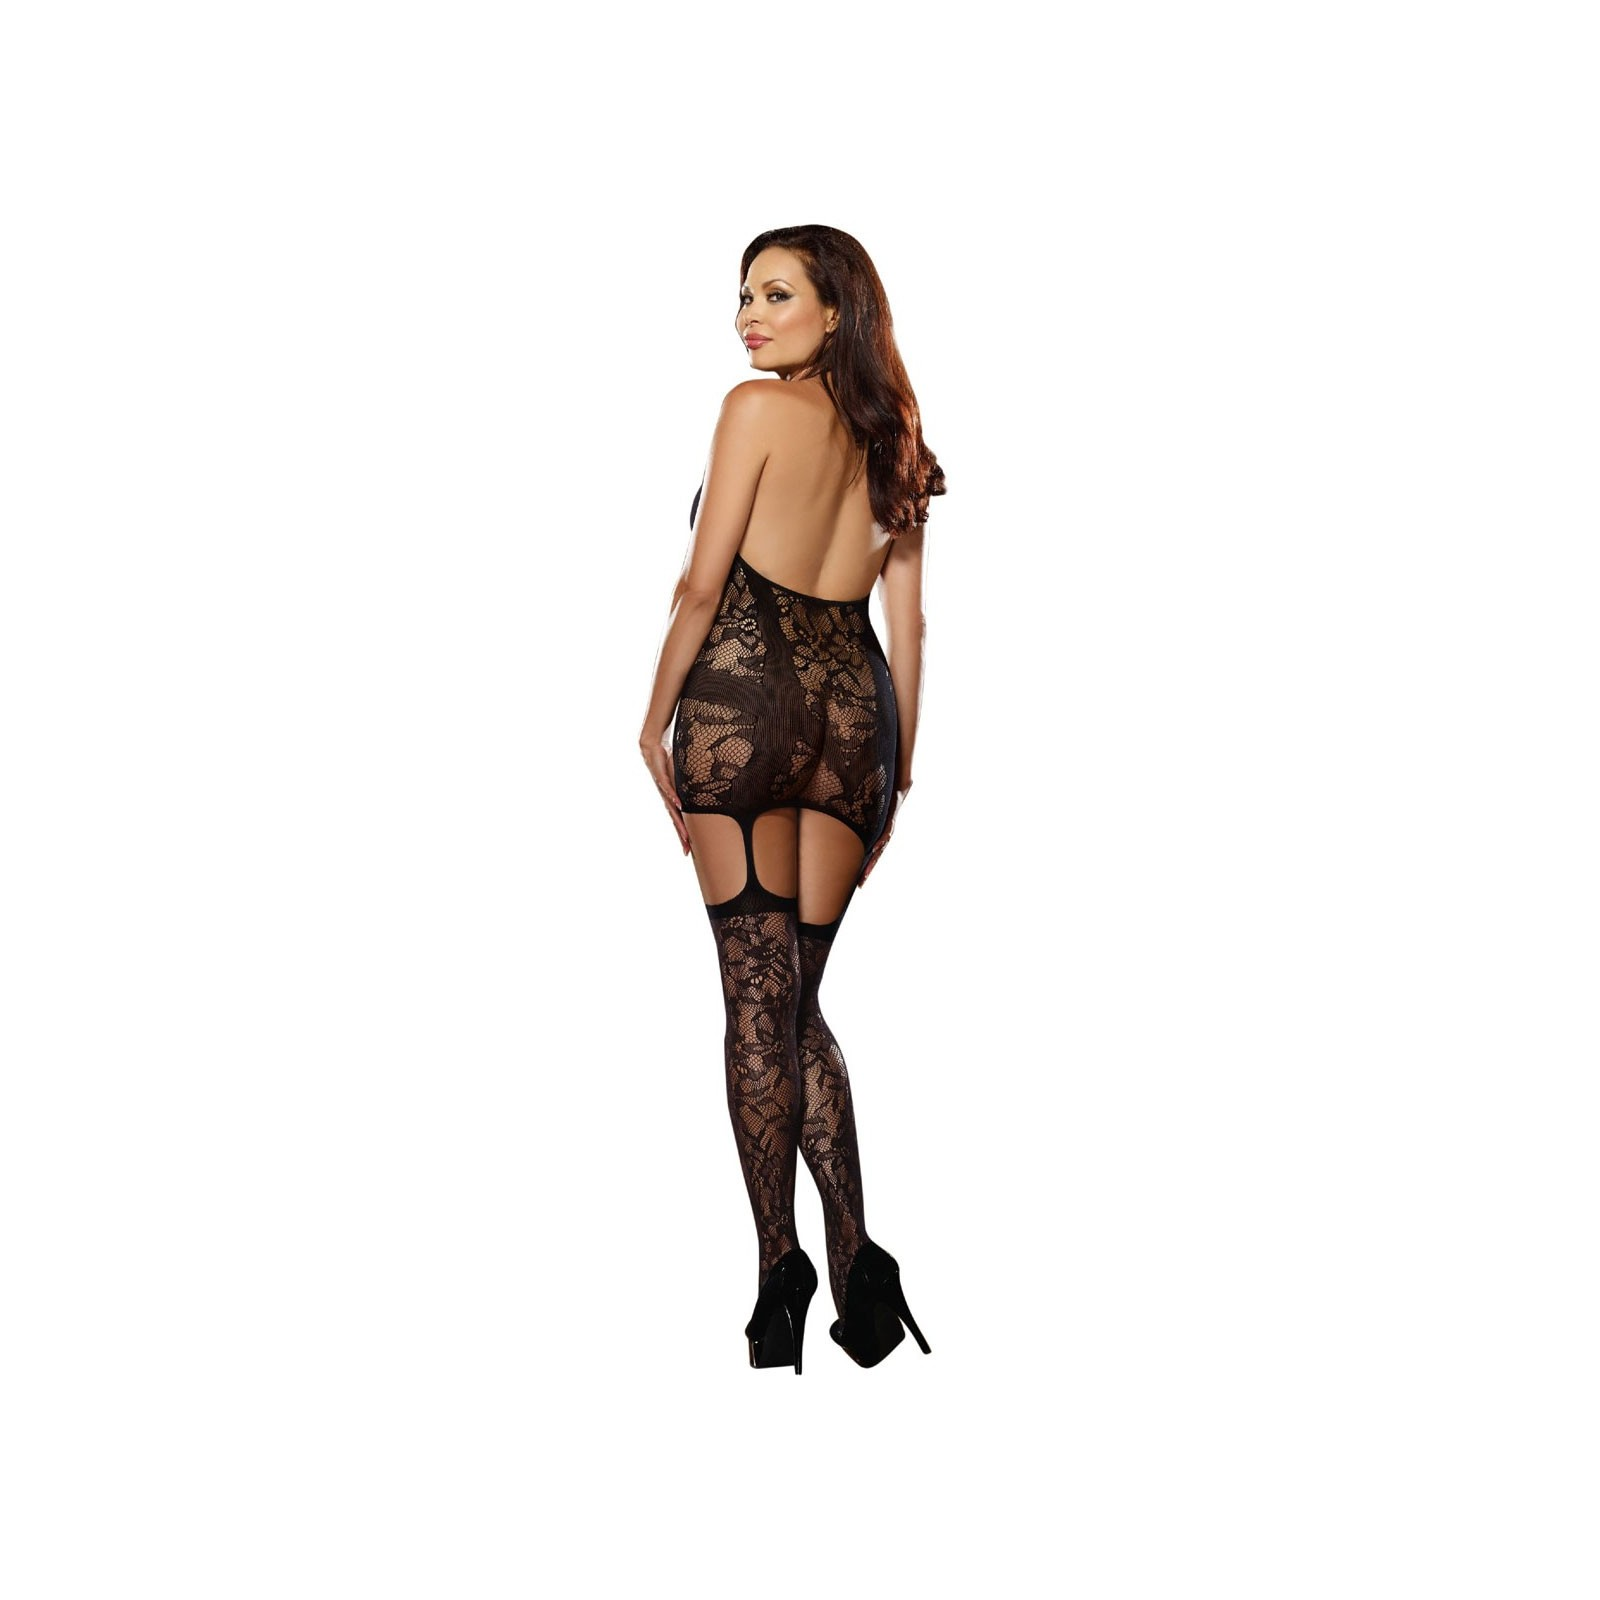 Kleid DR0145 schwarz - 8 - Vorschaubild